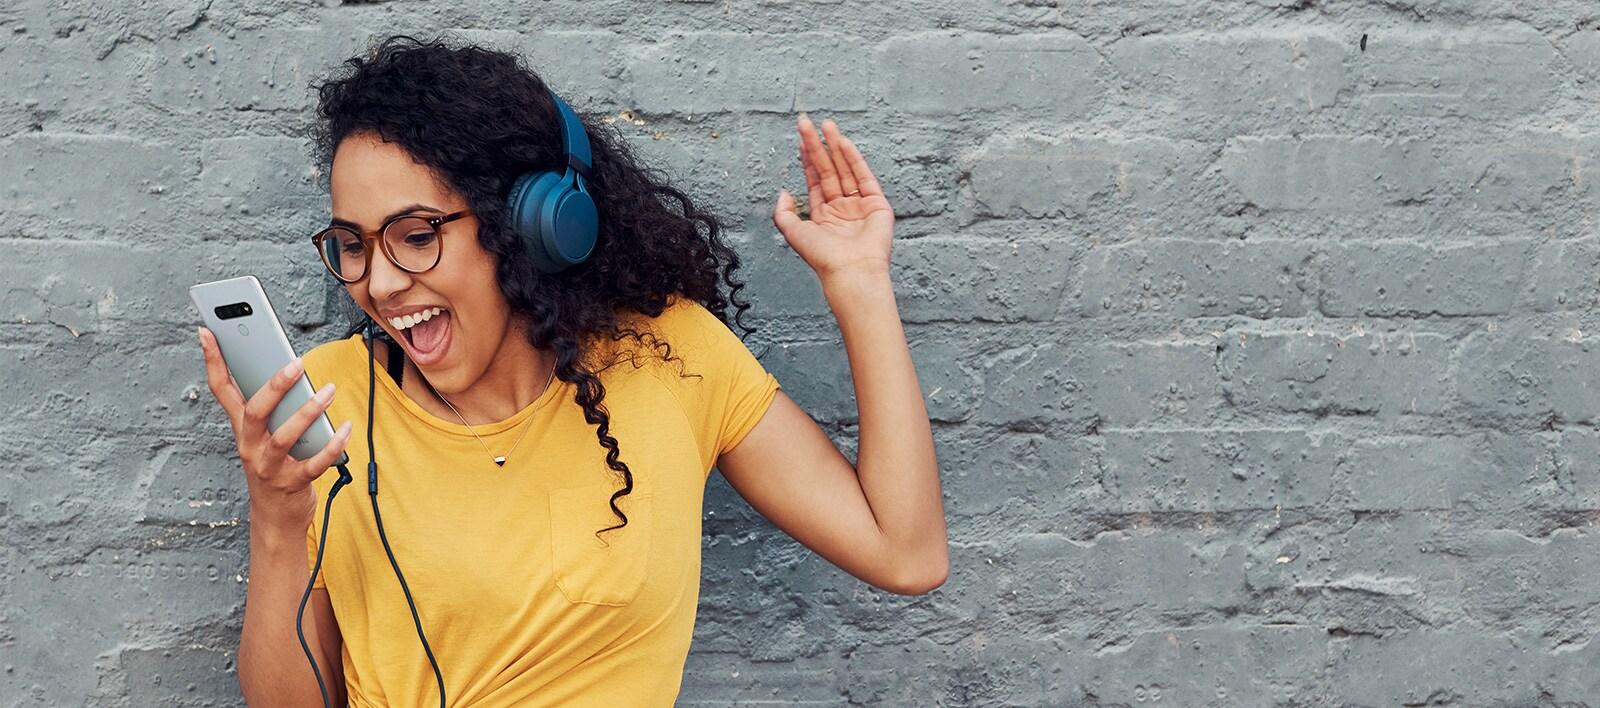 Sumérgete en el sonido #VidaDeMúsica1